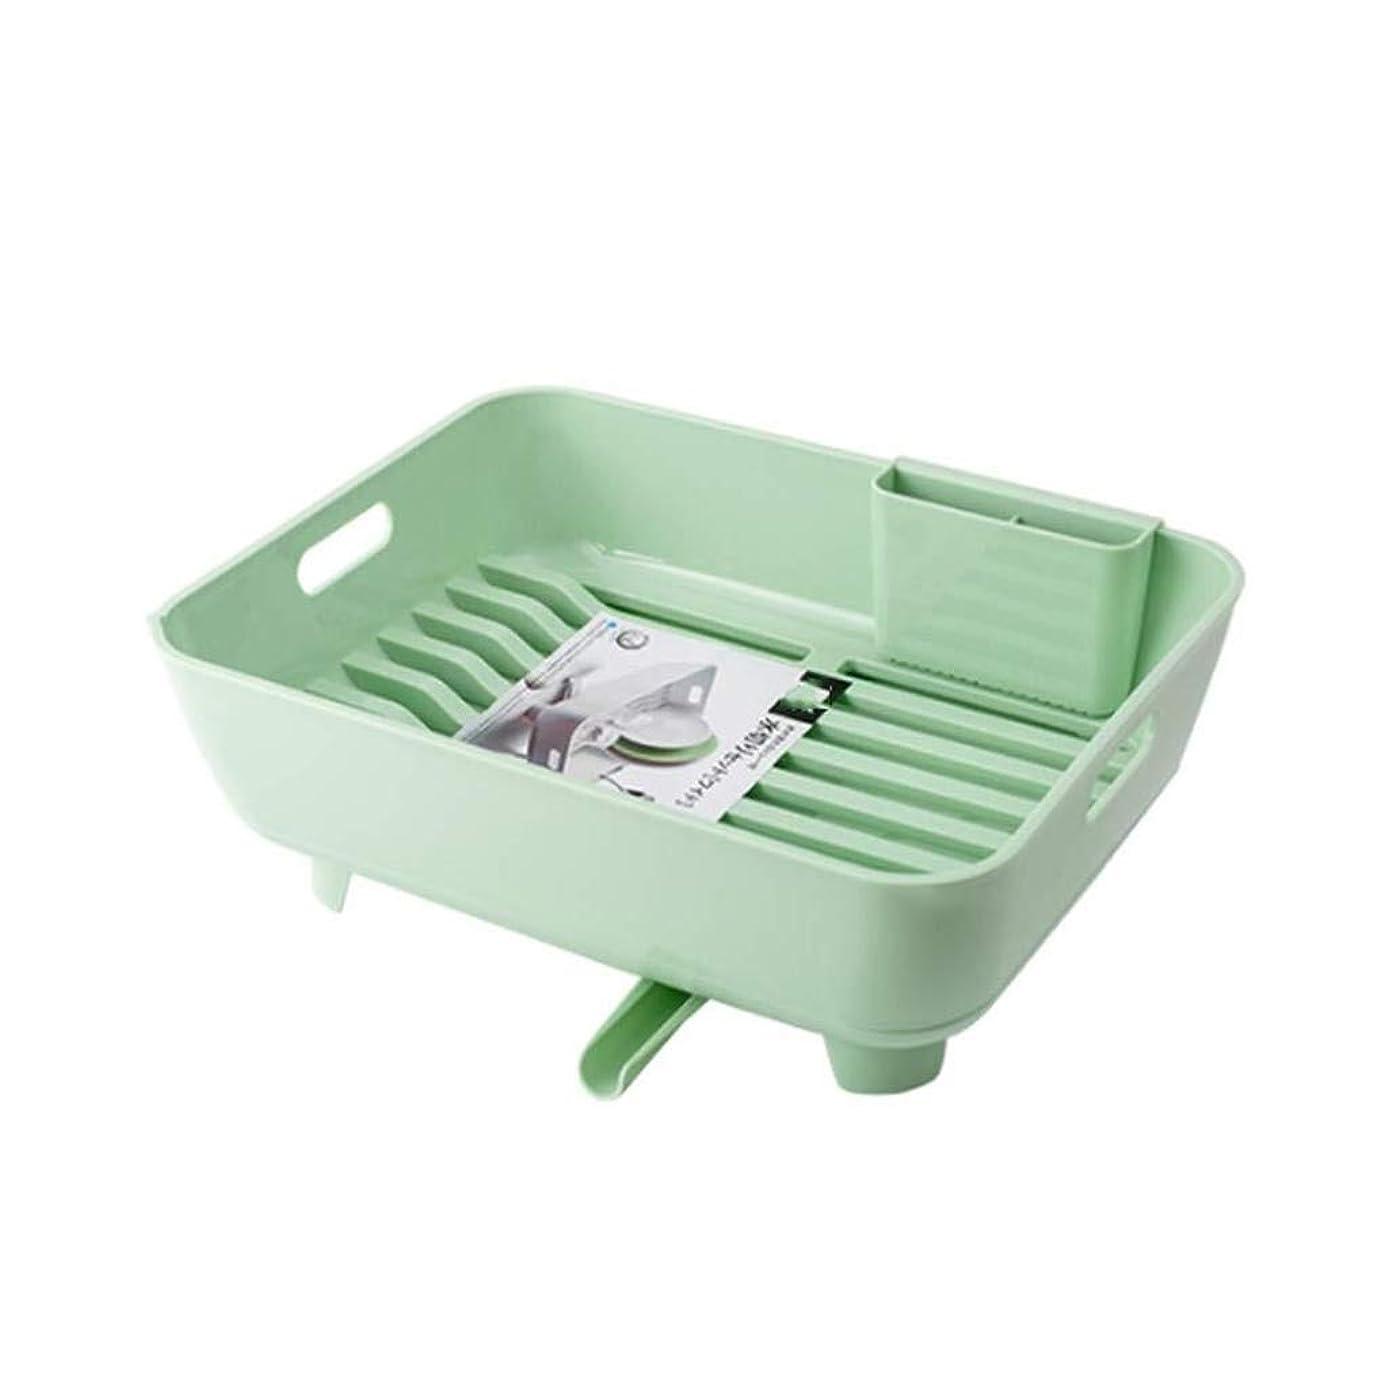 苦ニコチンスキム多機能性プラスチックシンクドレインラック、キッチン収納ボックス、360°出口、店舗箸に用い、39.3x31x13.3cm